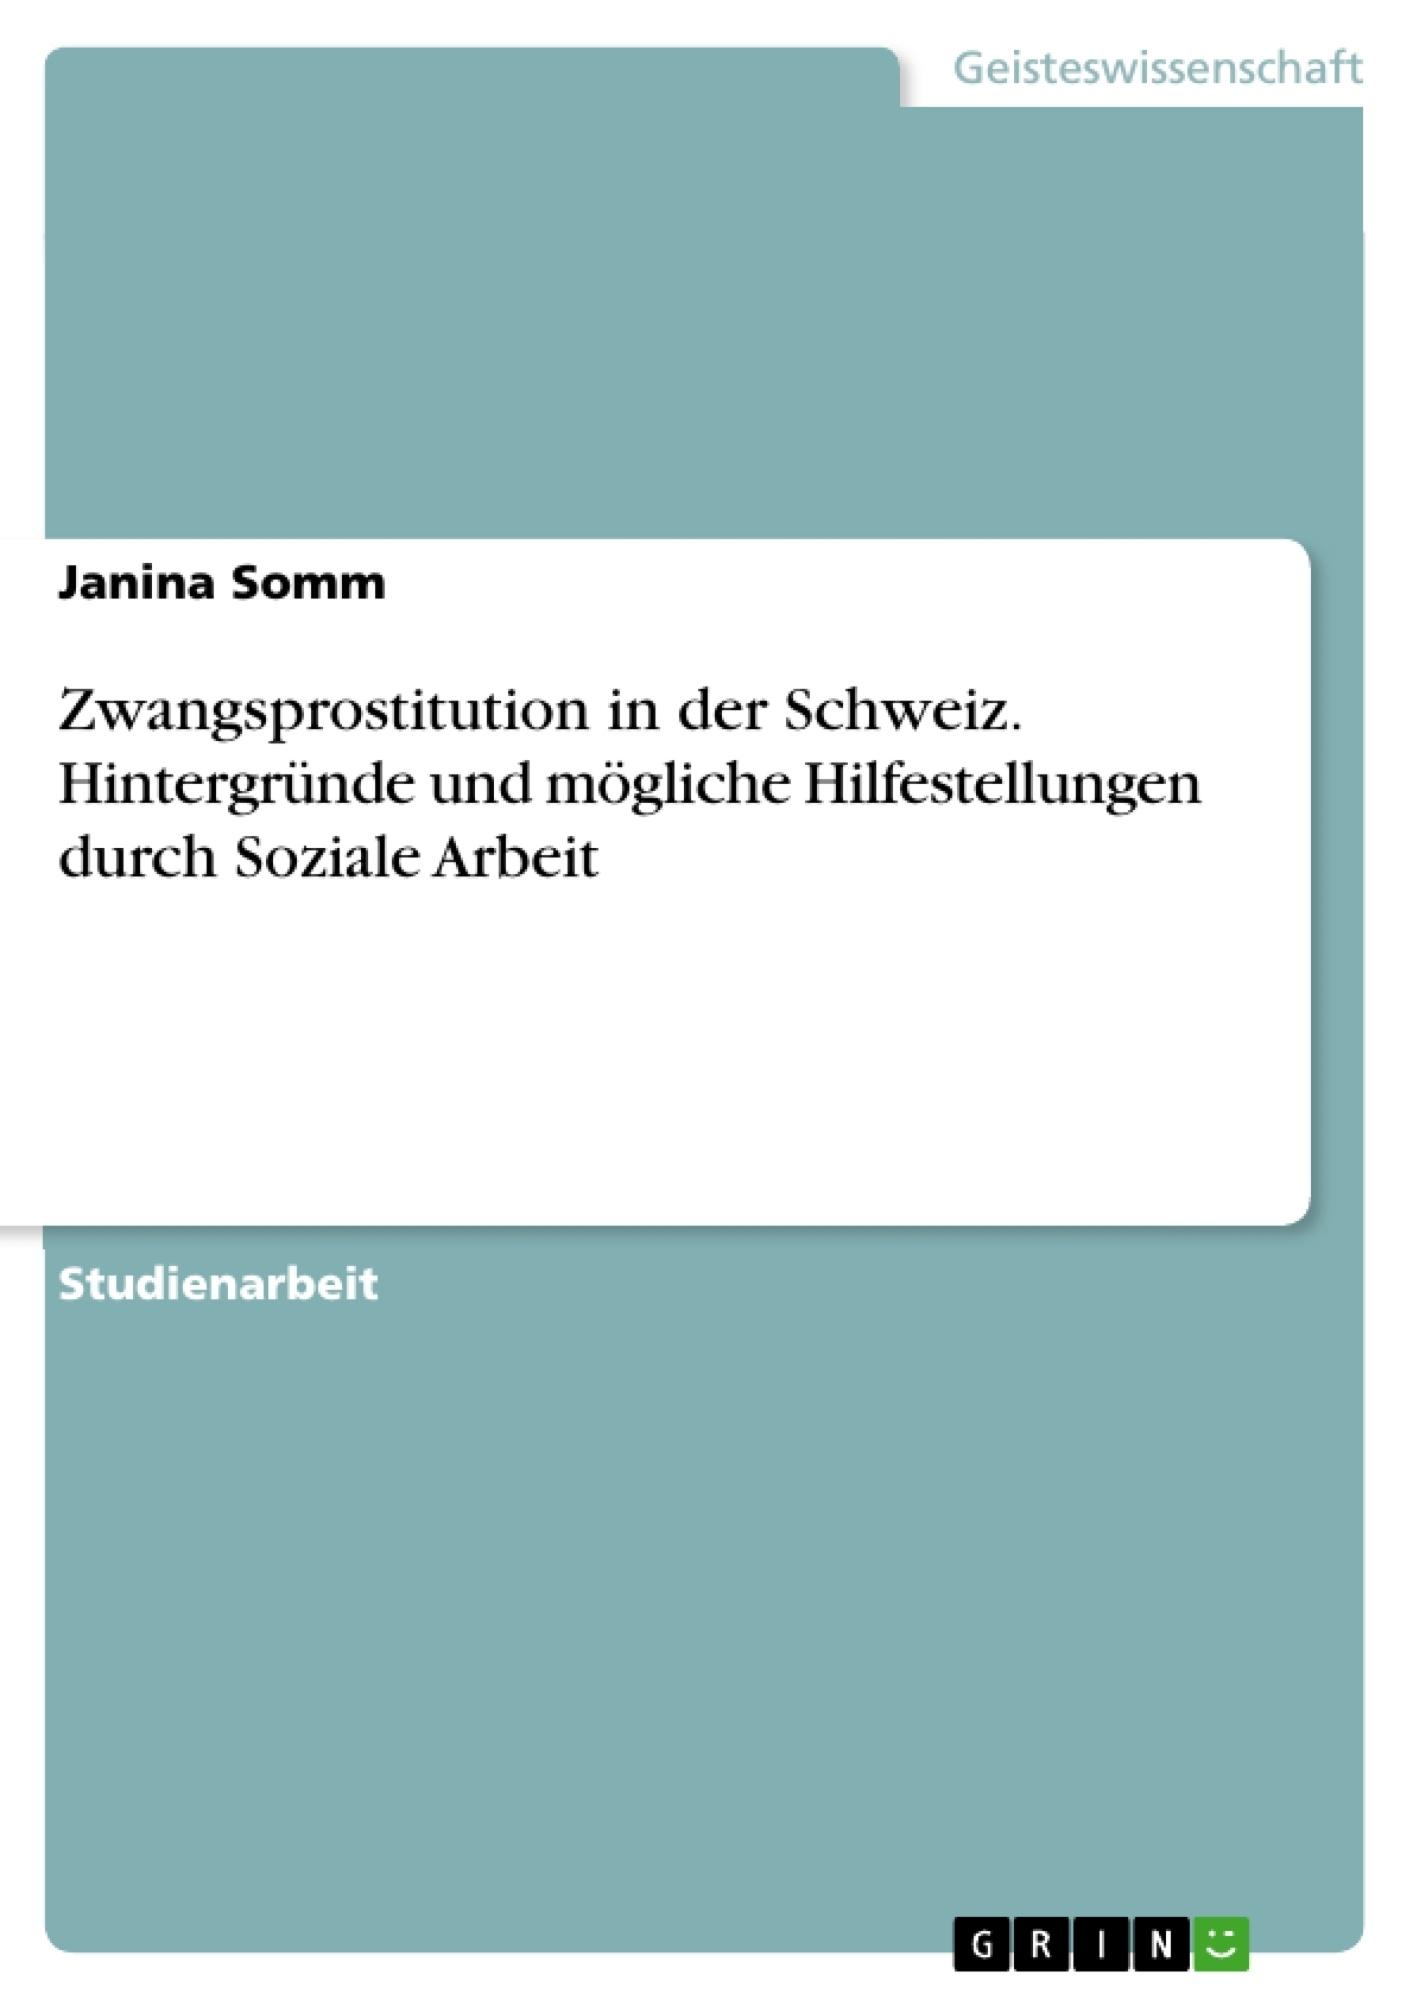 Titel: Zwangsprostitution in der Schweiz. Hintergründe und mögliche  Hilfestellungen durch Soziale Arbeit